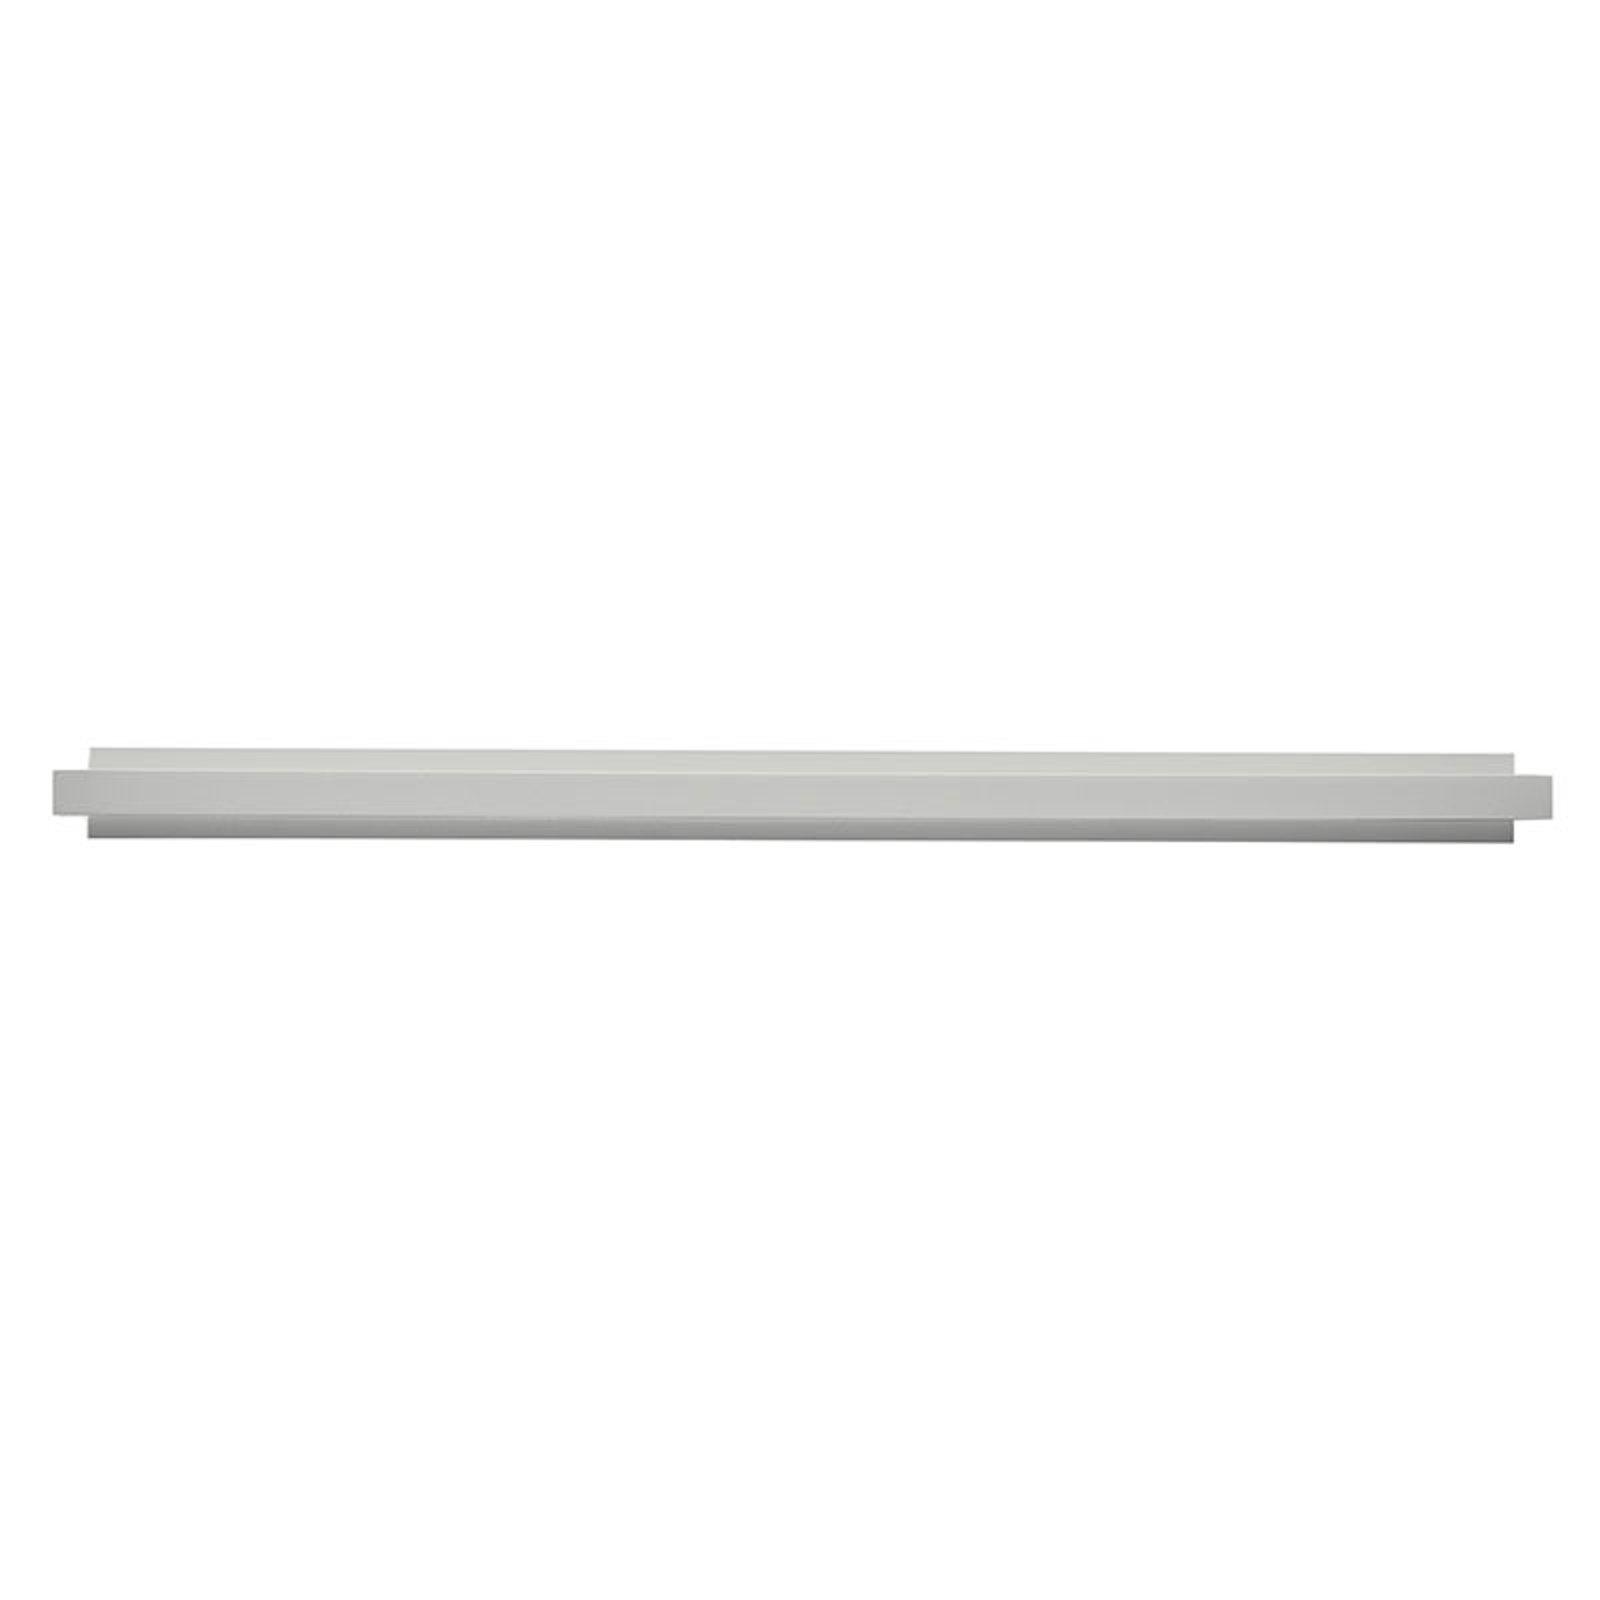 Tablet W1 LED-vegglampe, bredde 96 cm, hvit